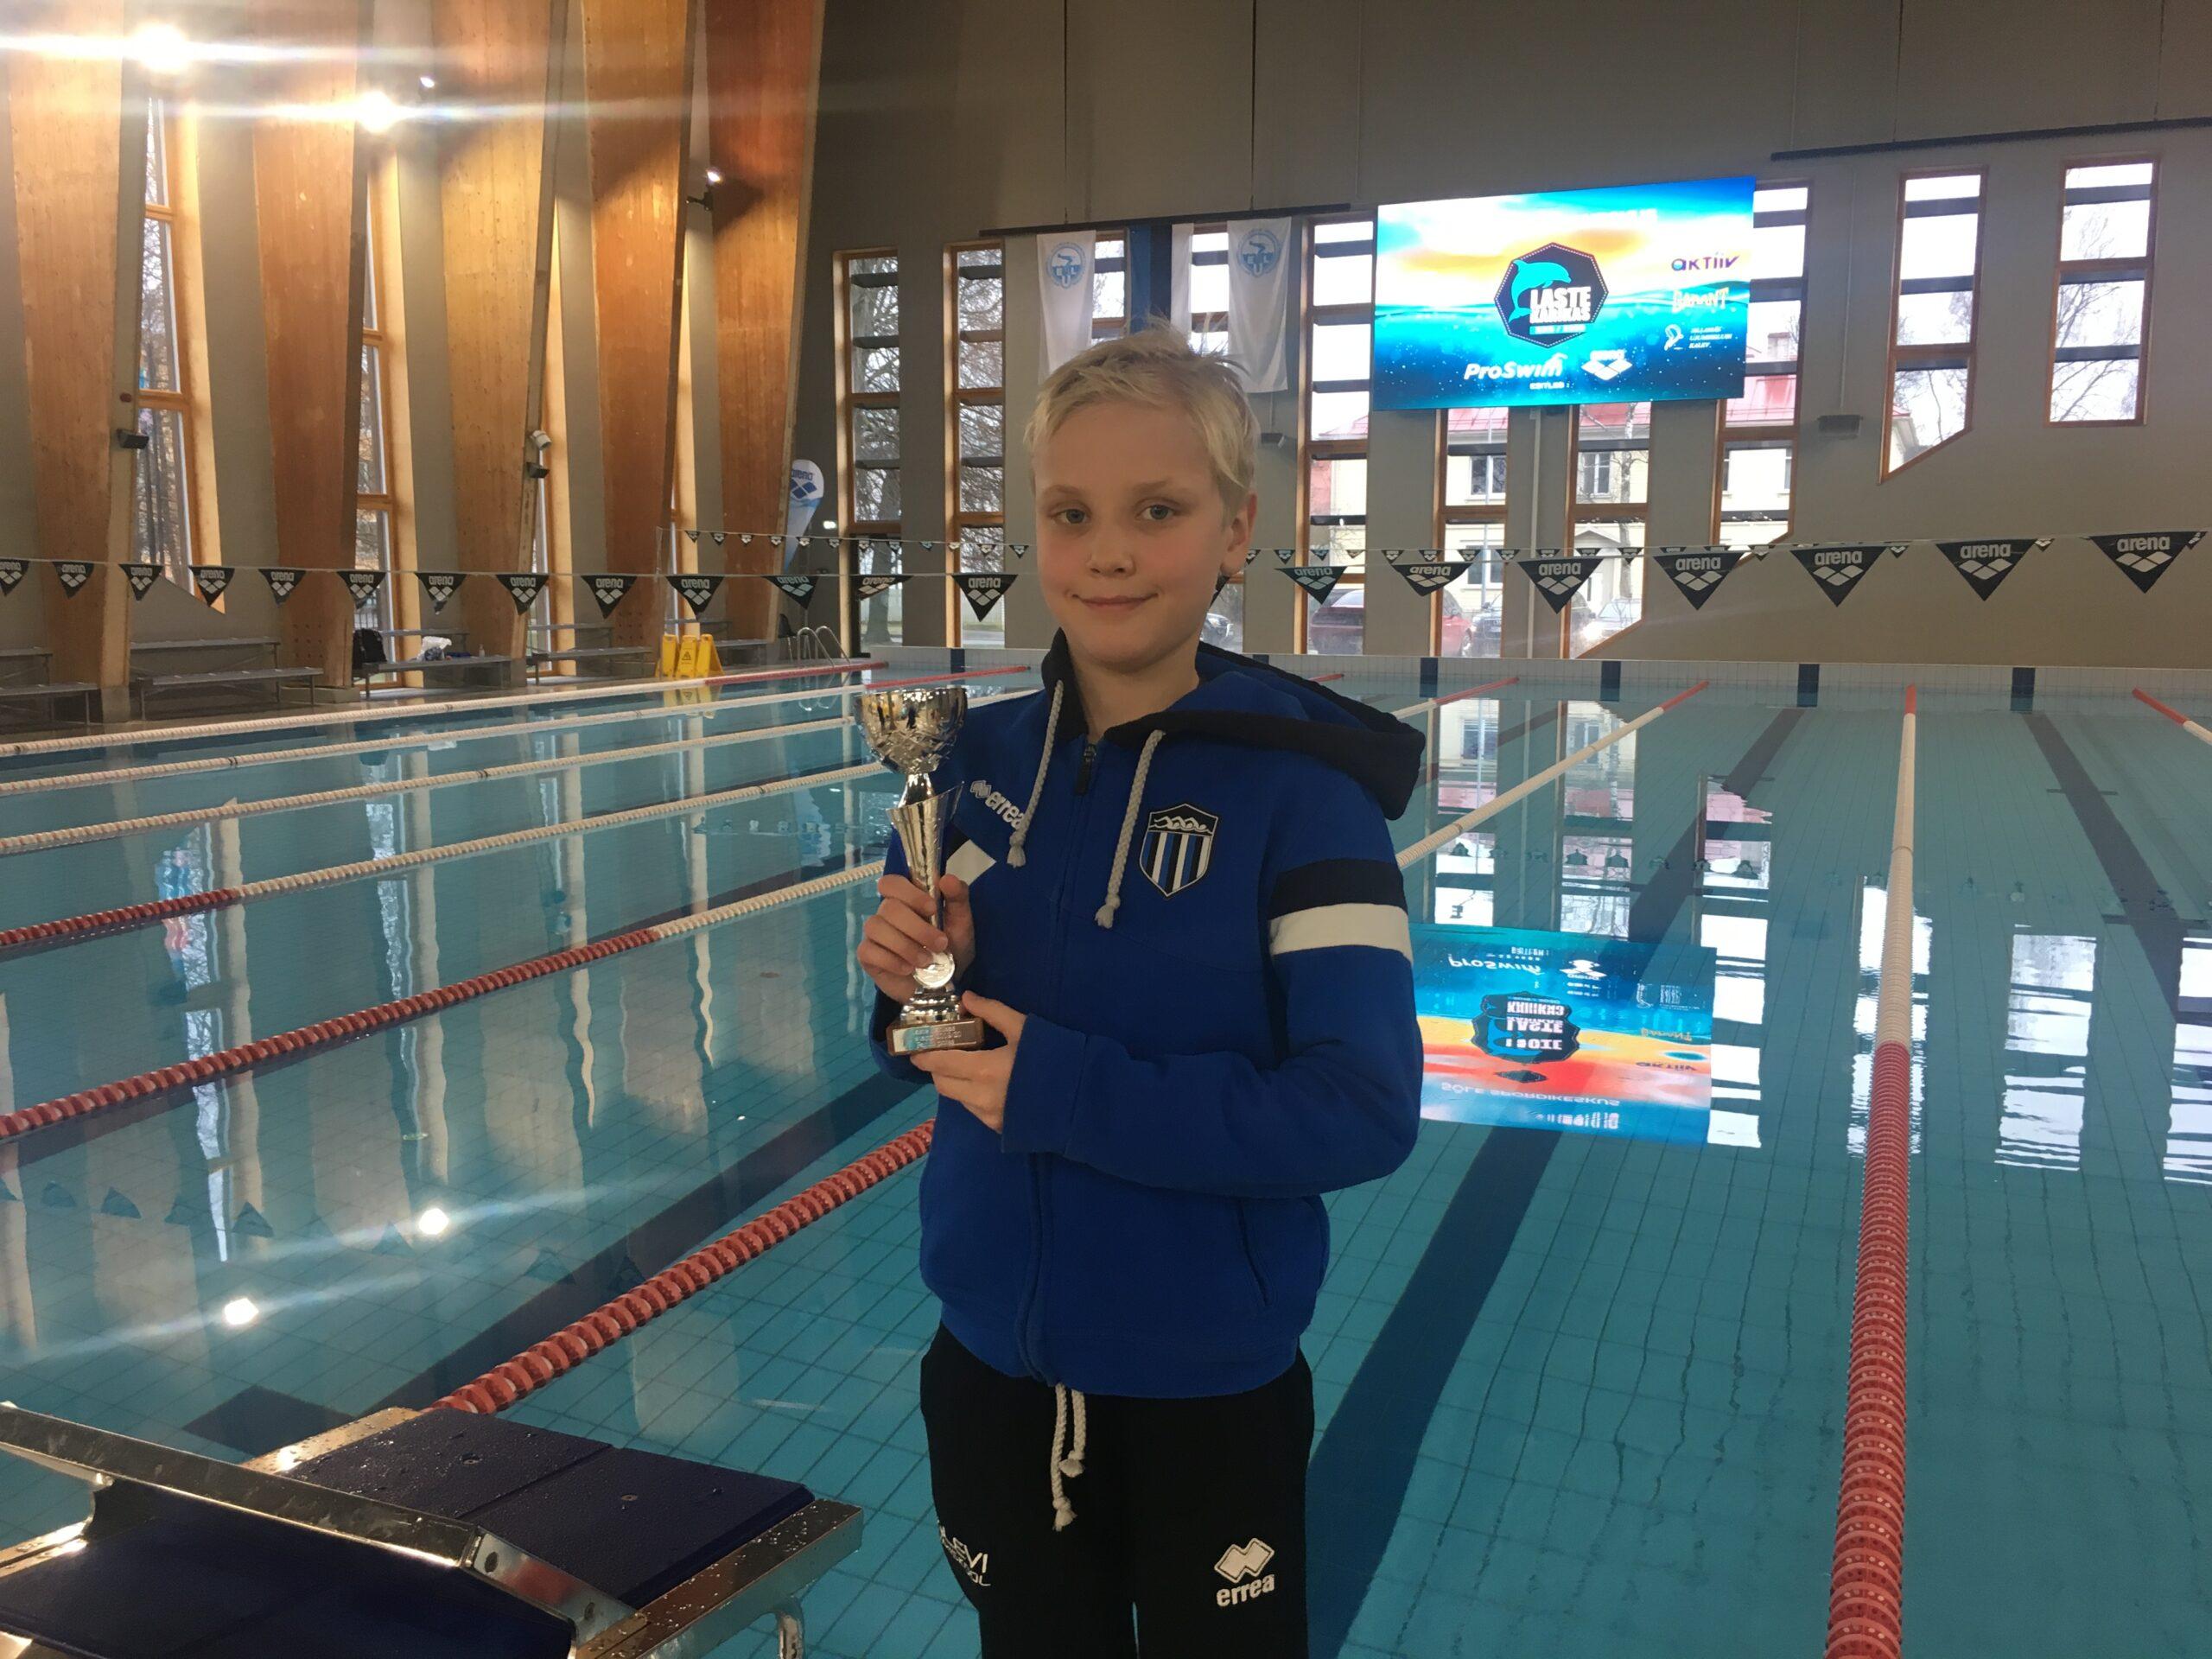 """MEDALISADU! Ujumiskooli noored teenisid võistlussarja """"Laste Karikas"""" II etapil rekordilise medalisaagi"""